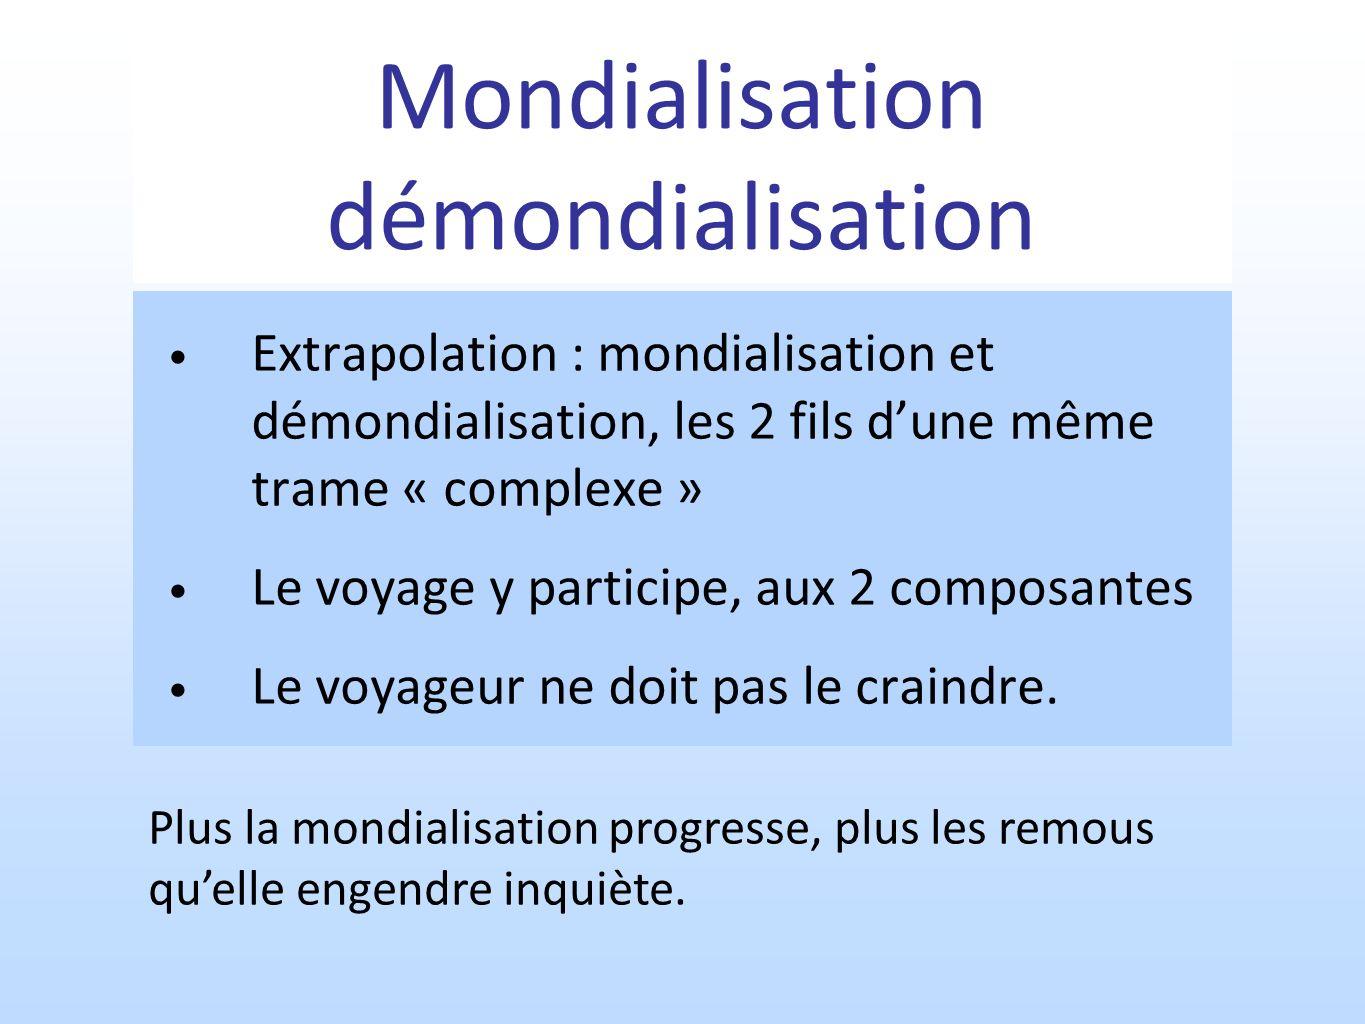 Mondialisation démondialisation Extrapolation : mondialisation et démondialisation, les 2 fils dune même trame « complexe » Le voyage y participe, aux 2 composantes Le voyageur ne doit pas le craindre.